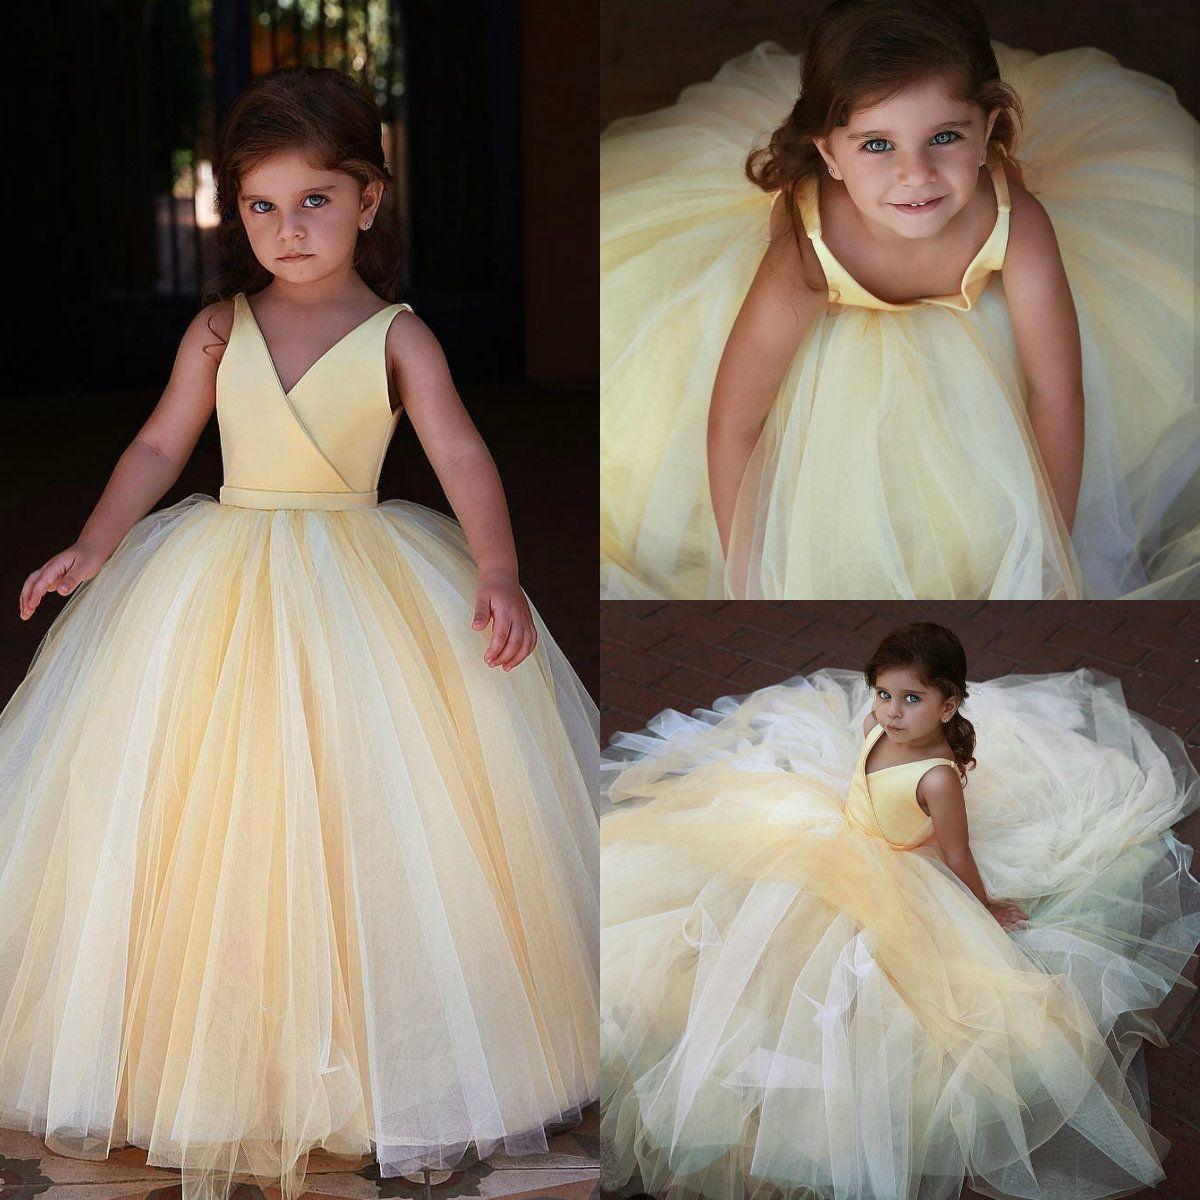 e7114544505 Adorable Light Yellow Flower Girl Dresses V Neckline Sleeveless Tiered  Tulle Girls Pageant Dress Kids Formal Wear Girl Gowns Dresses Girl Occasion  Dresses ...